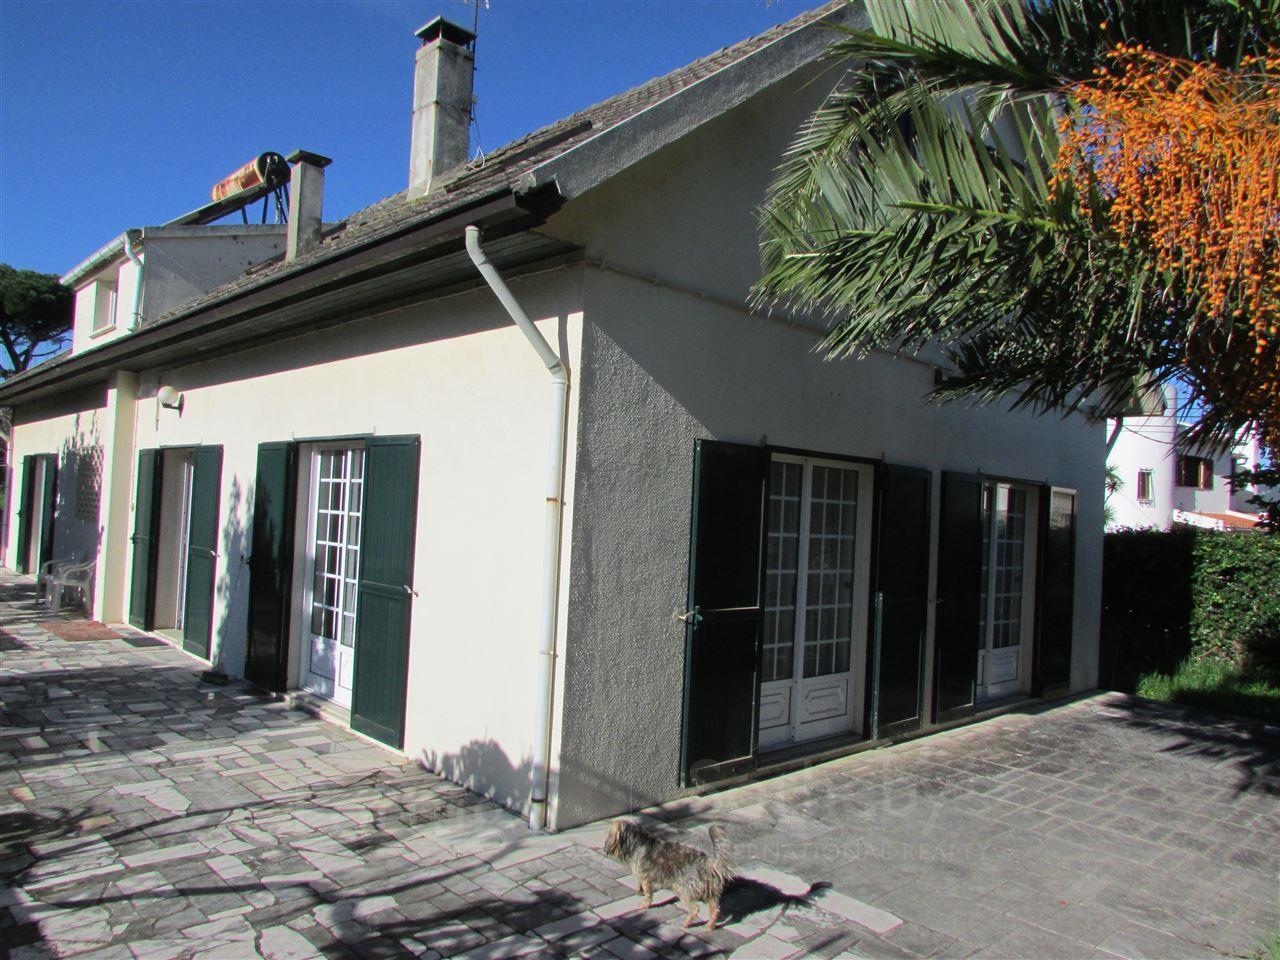 Maison unifamiliale pour l Vente à Detached house, 4 bedrooms, for Sale Bicesse, Cascais, Lisbonne Portugal